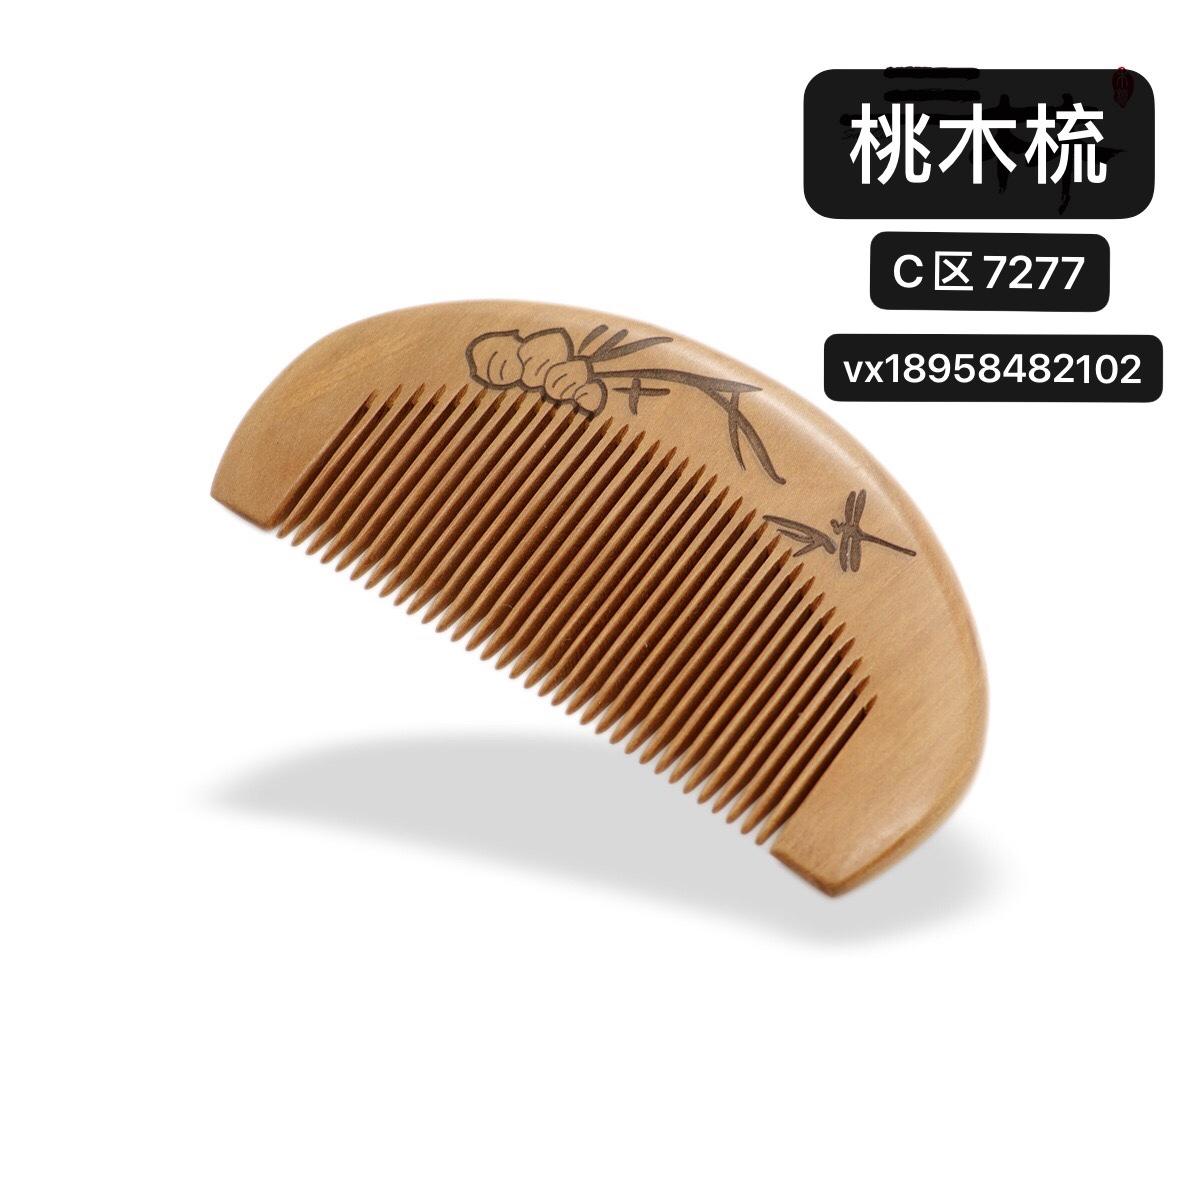 精品桃木梳11-2